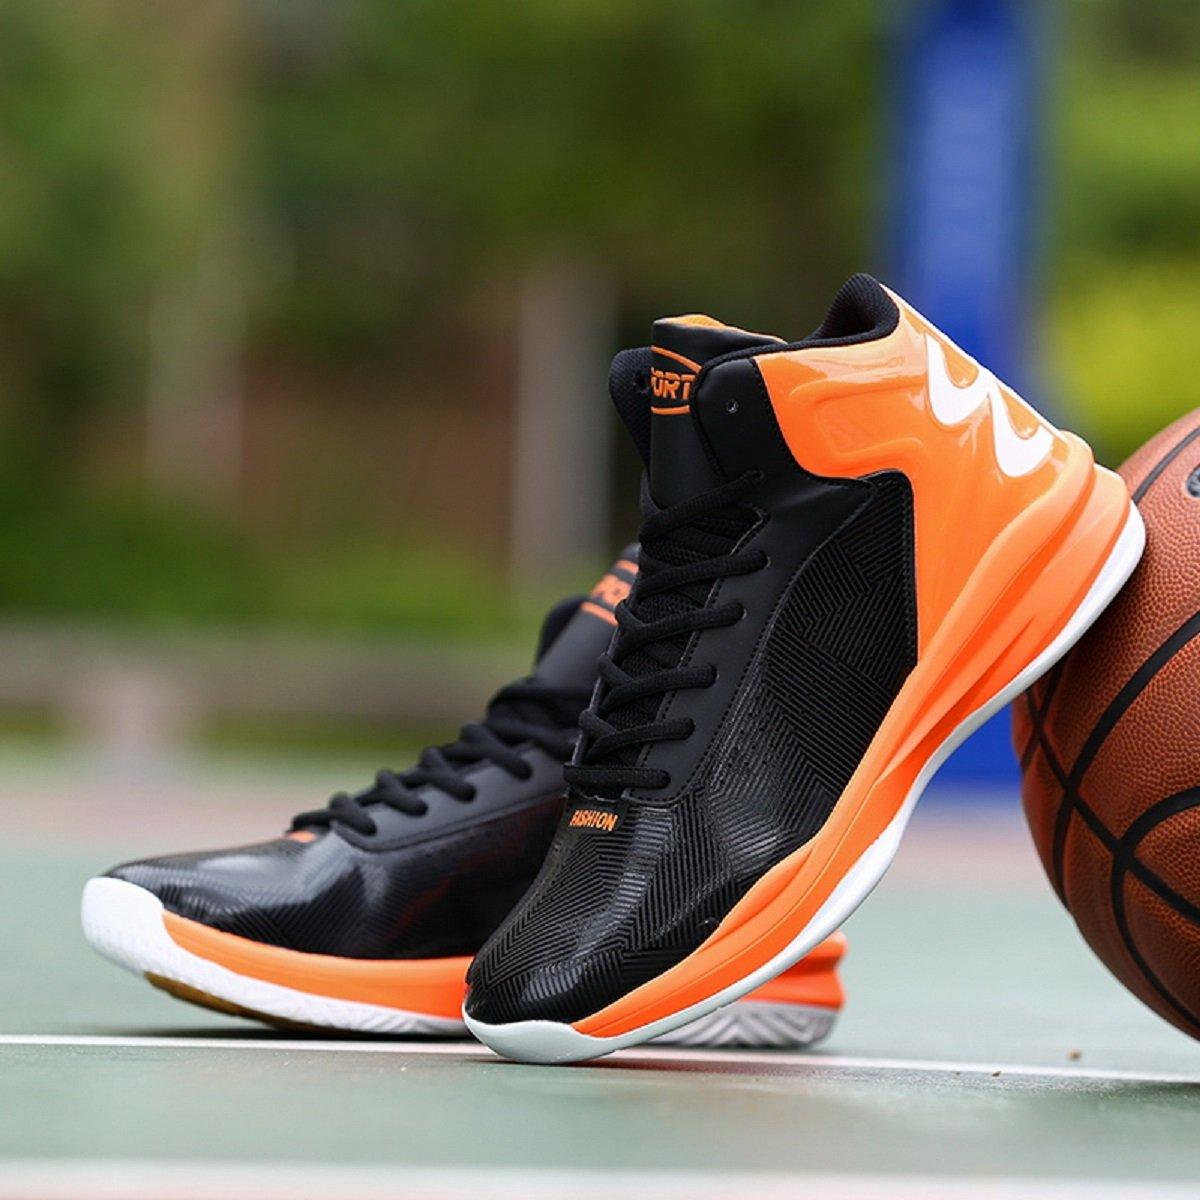 homme allstart / femme allstart homme hommes courir occasionnel air chaussures de sport performance haut respirable la cheville mi - baskets basket pour garçon chaque point décrit est disponible prix optimal bv9626 Hommes ant la mode 25e62a